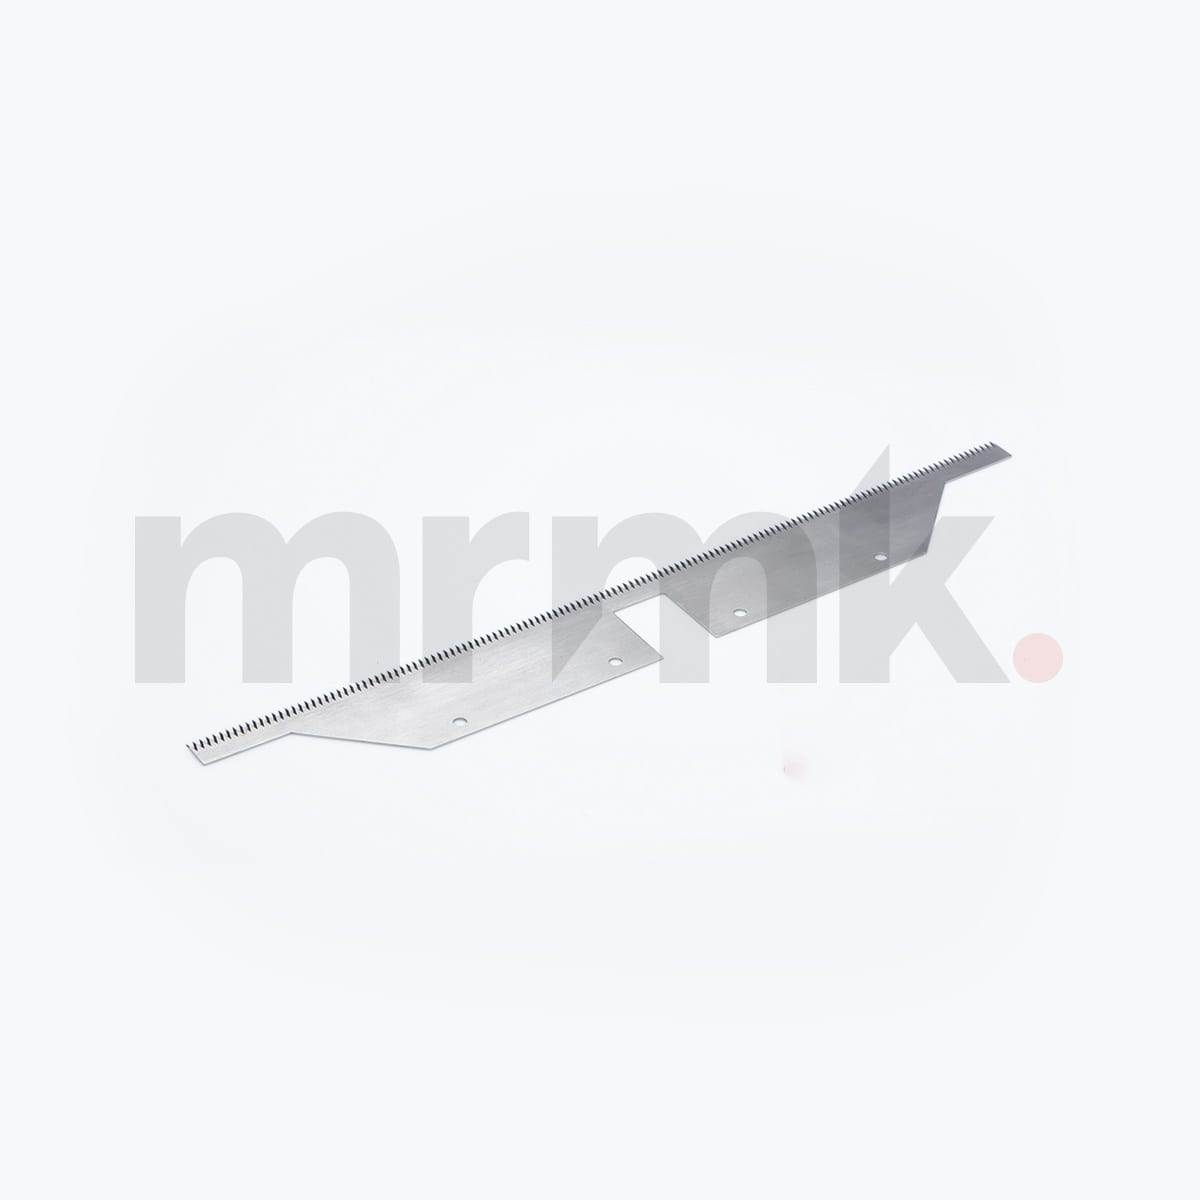 Tiromat CFS GEA Compatible Straight Blade 6